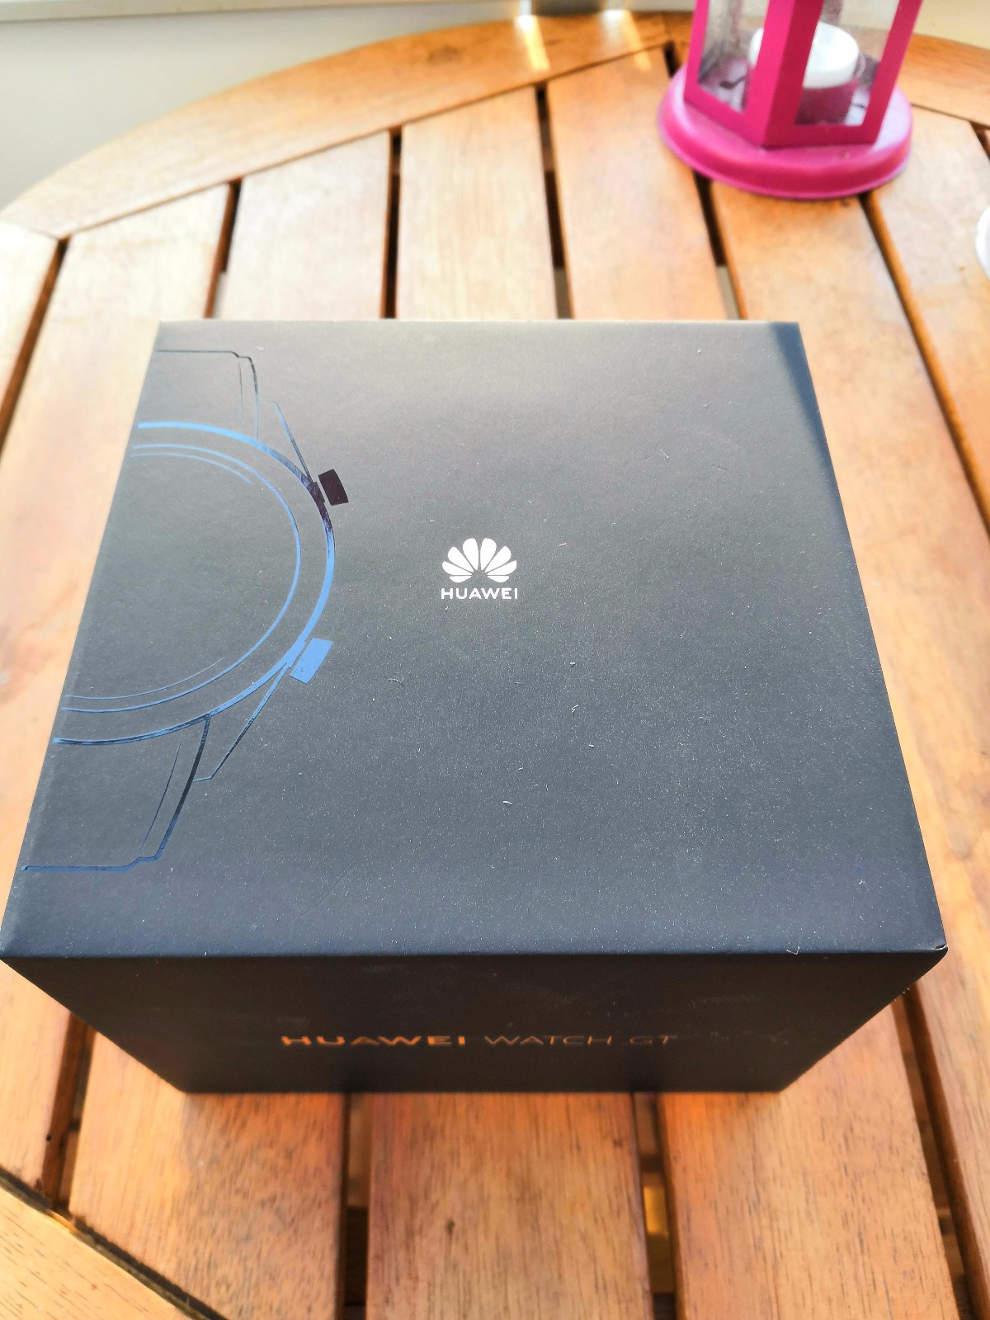 Huawei Watch GT - Erster Eindruck 1